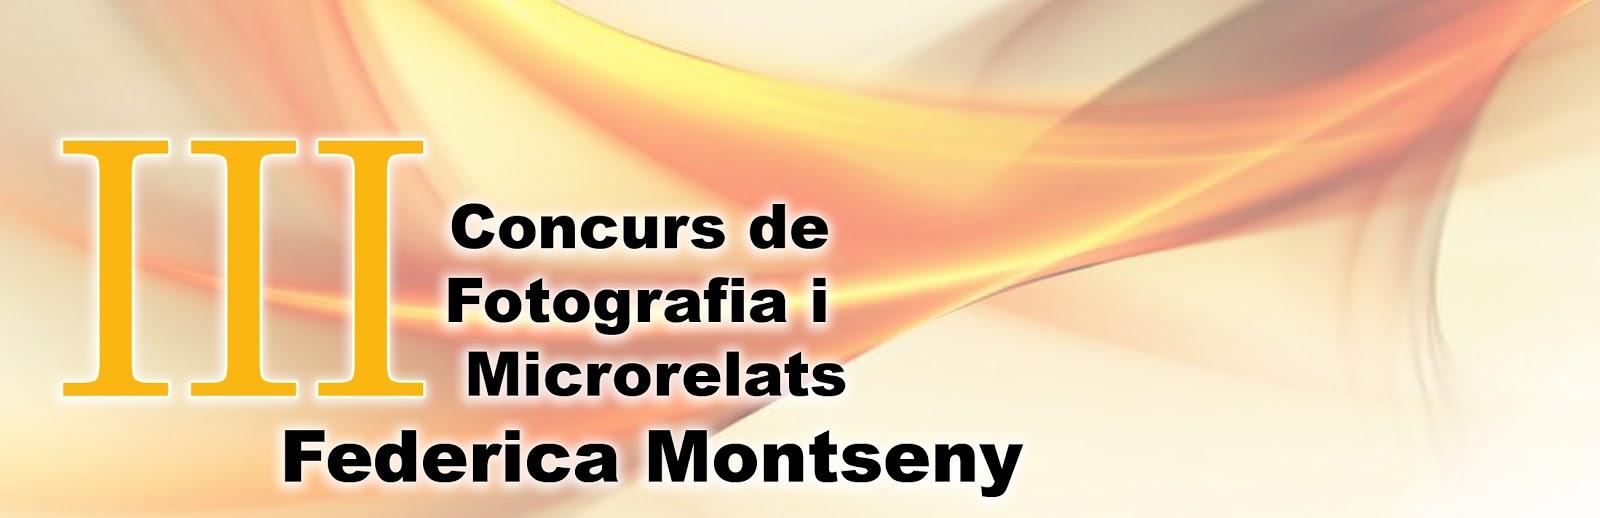 II Concurs fotografia i microrelats